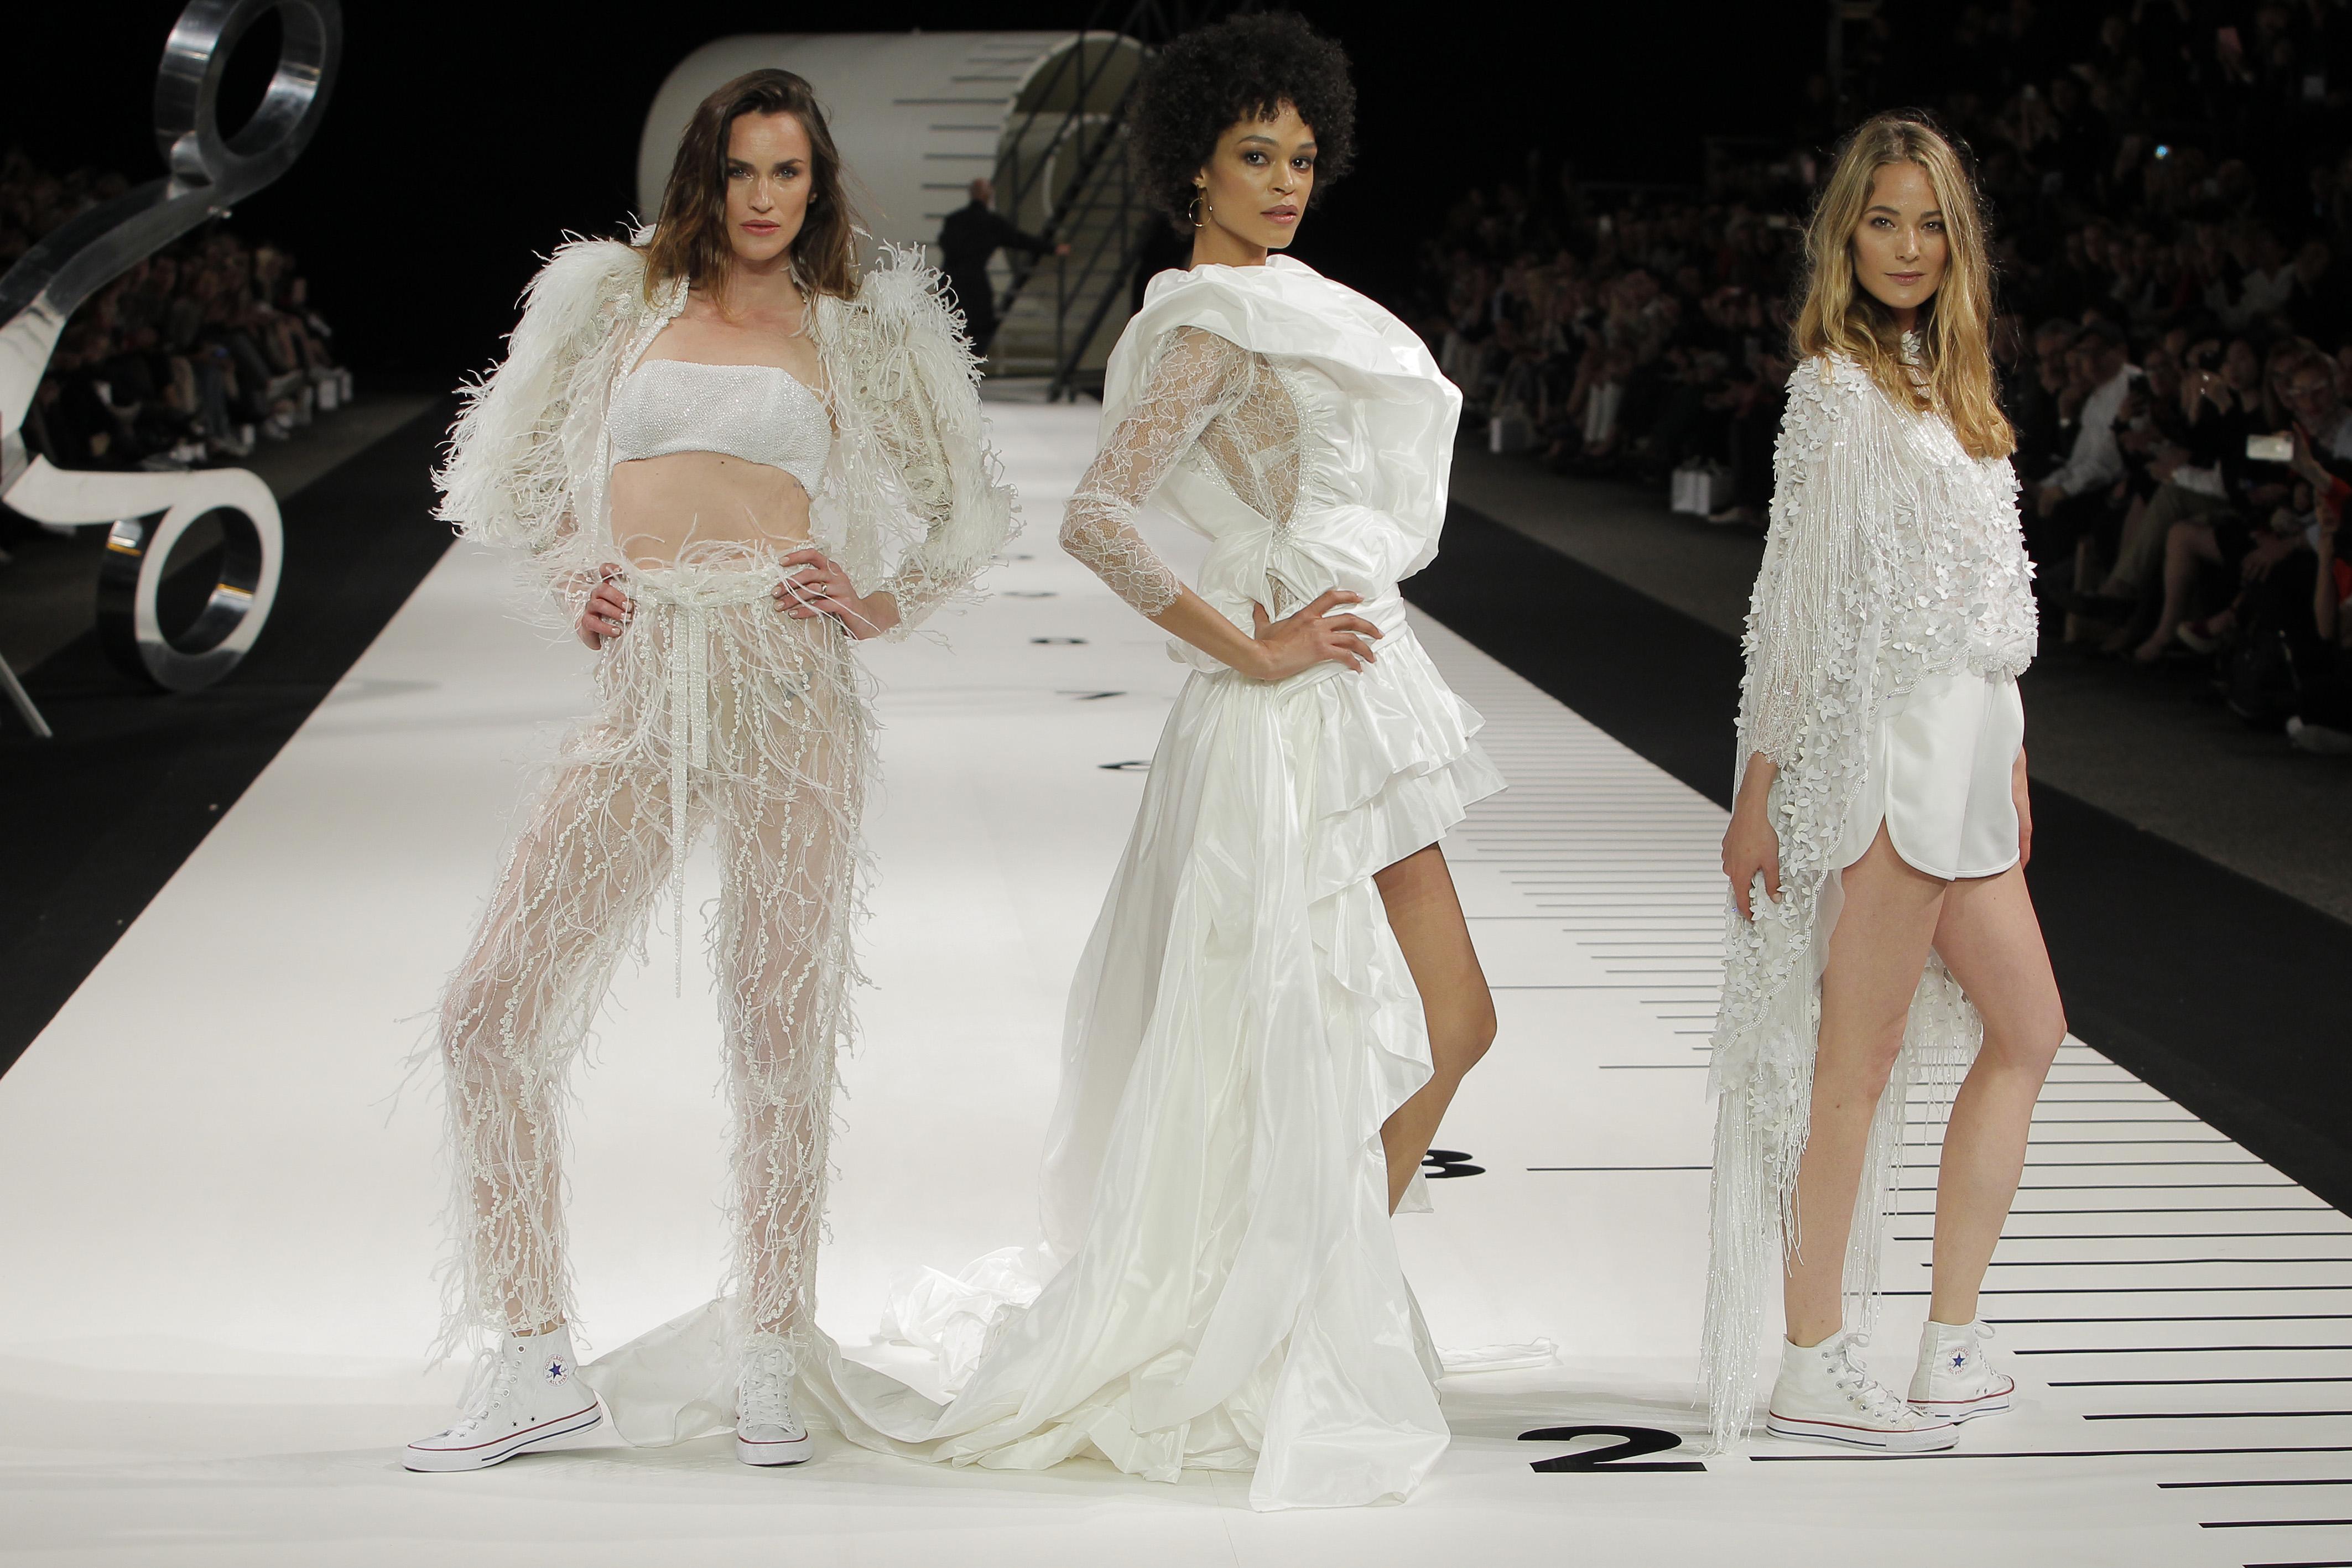 338cfa5797 Otras novias simplemente se inspiran en los looks nupciales de otras  décadas para copiar vestidos y siluetas de las actrices de moda en la  década de los 60 ...